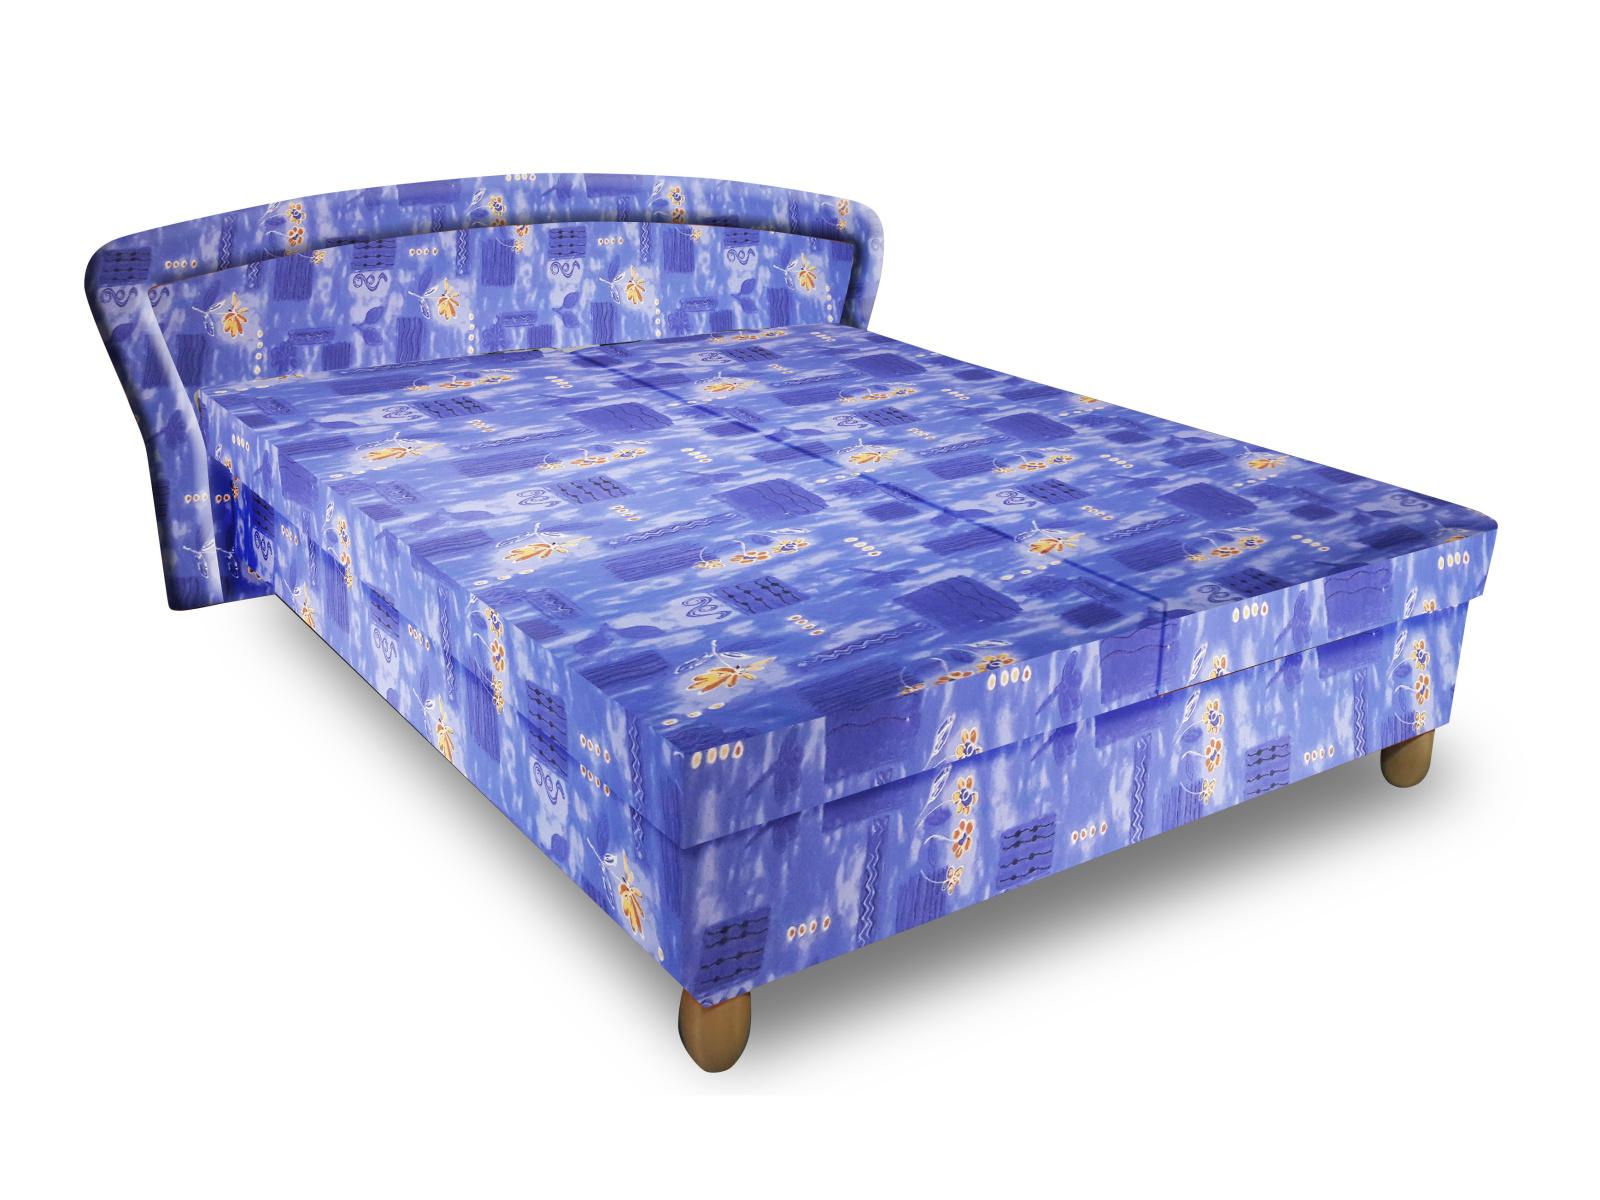 Smartshop Čalouněná postel PAVLA 140x200 cm, modrá látka